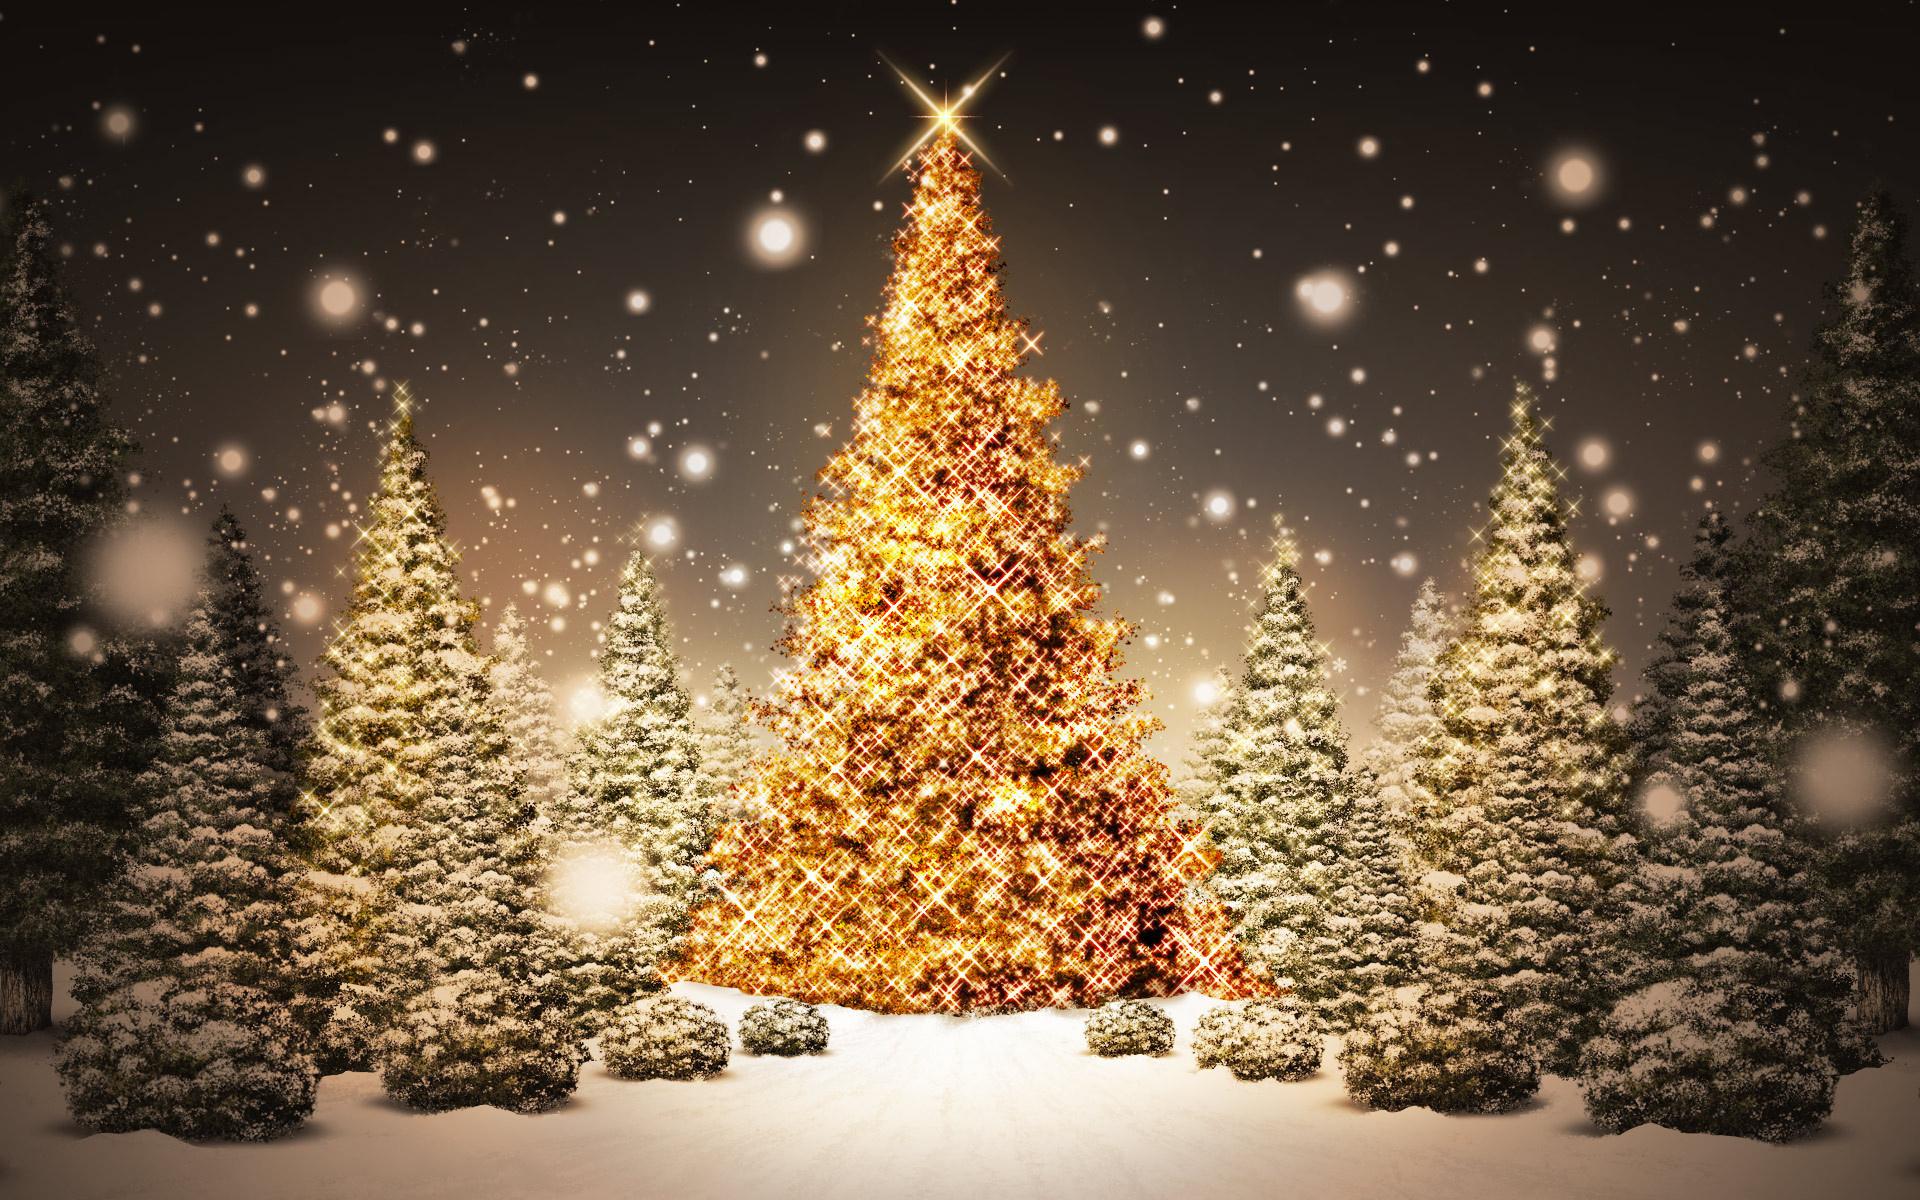 совместить комфортабельность широкоформатные картинки елка новогодняя отправились веселиться, золушка